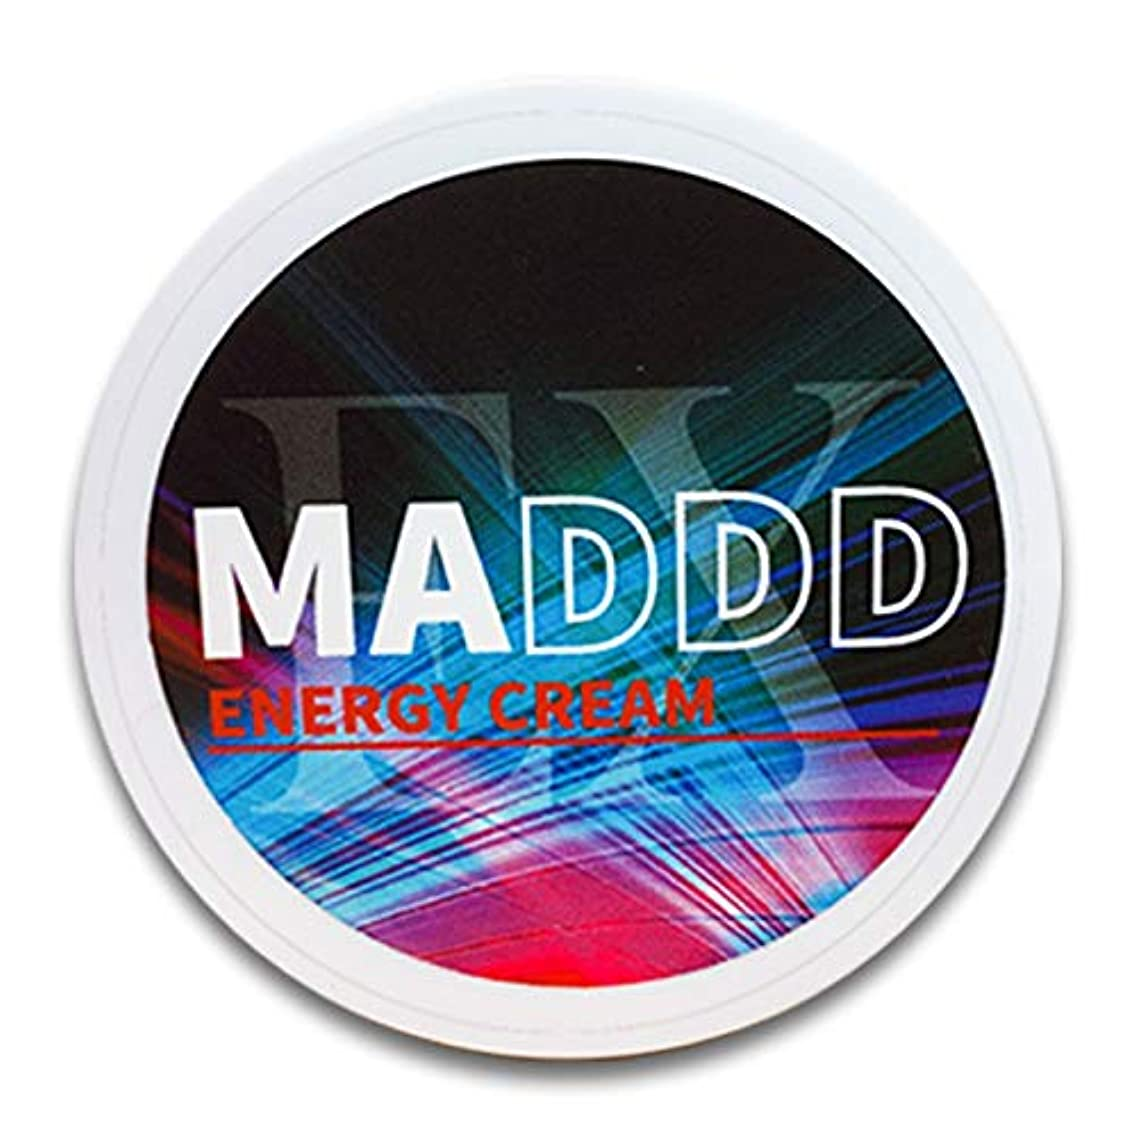 ようこそ指定冊子MADDD EX 増大クリーム 自信 持続力 厳選成分 50g (単品購入)